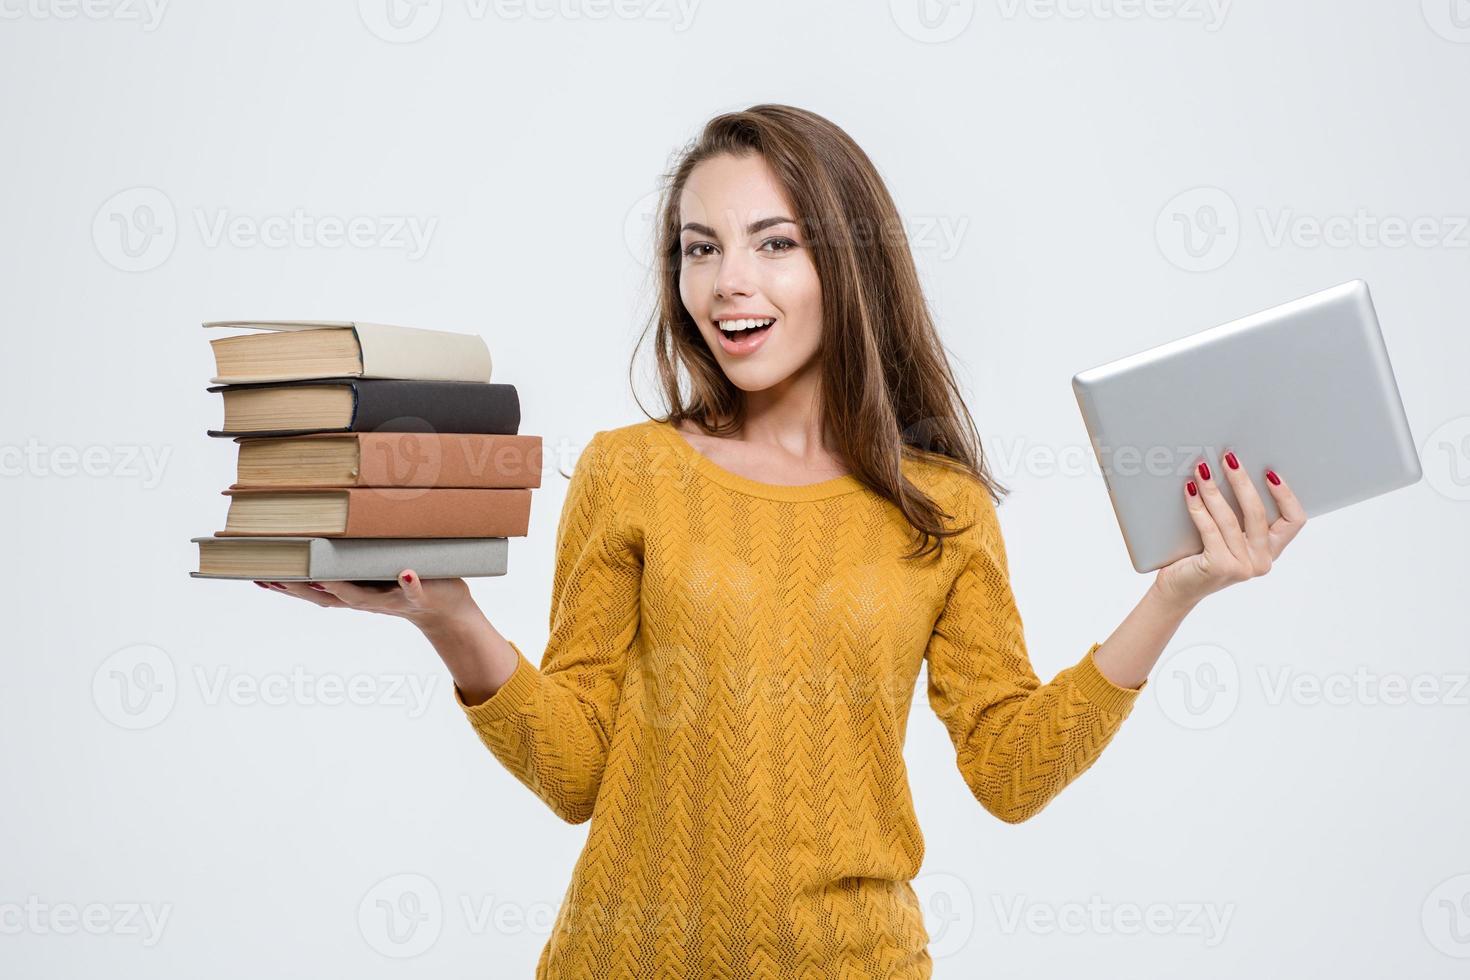 femme, choisir, papier, livres, ou, tablette, informatique photo